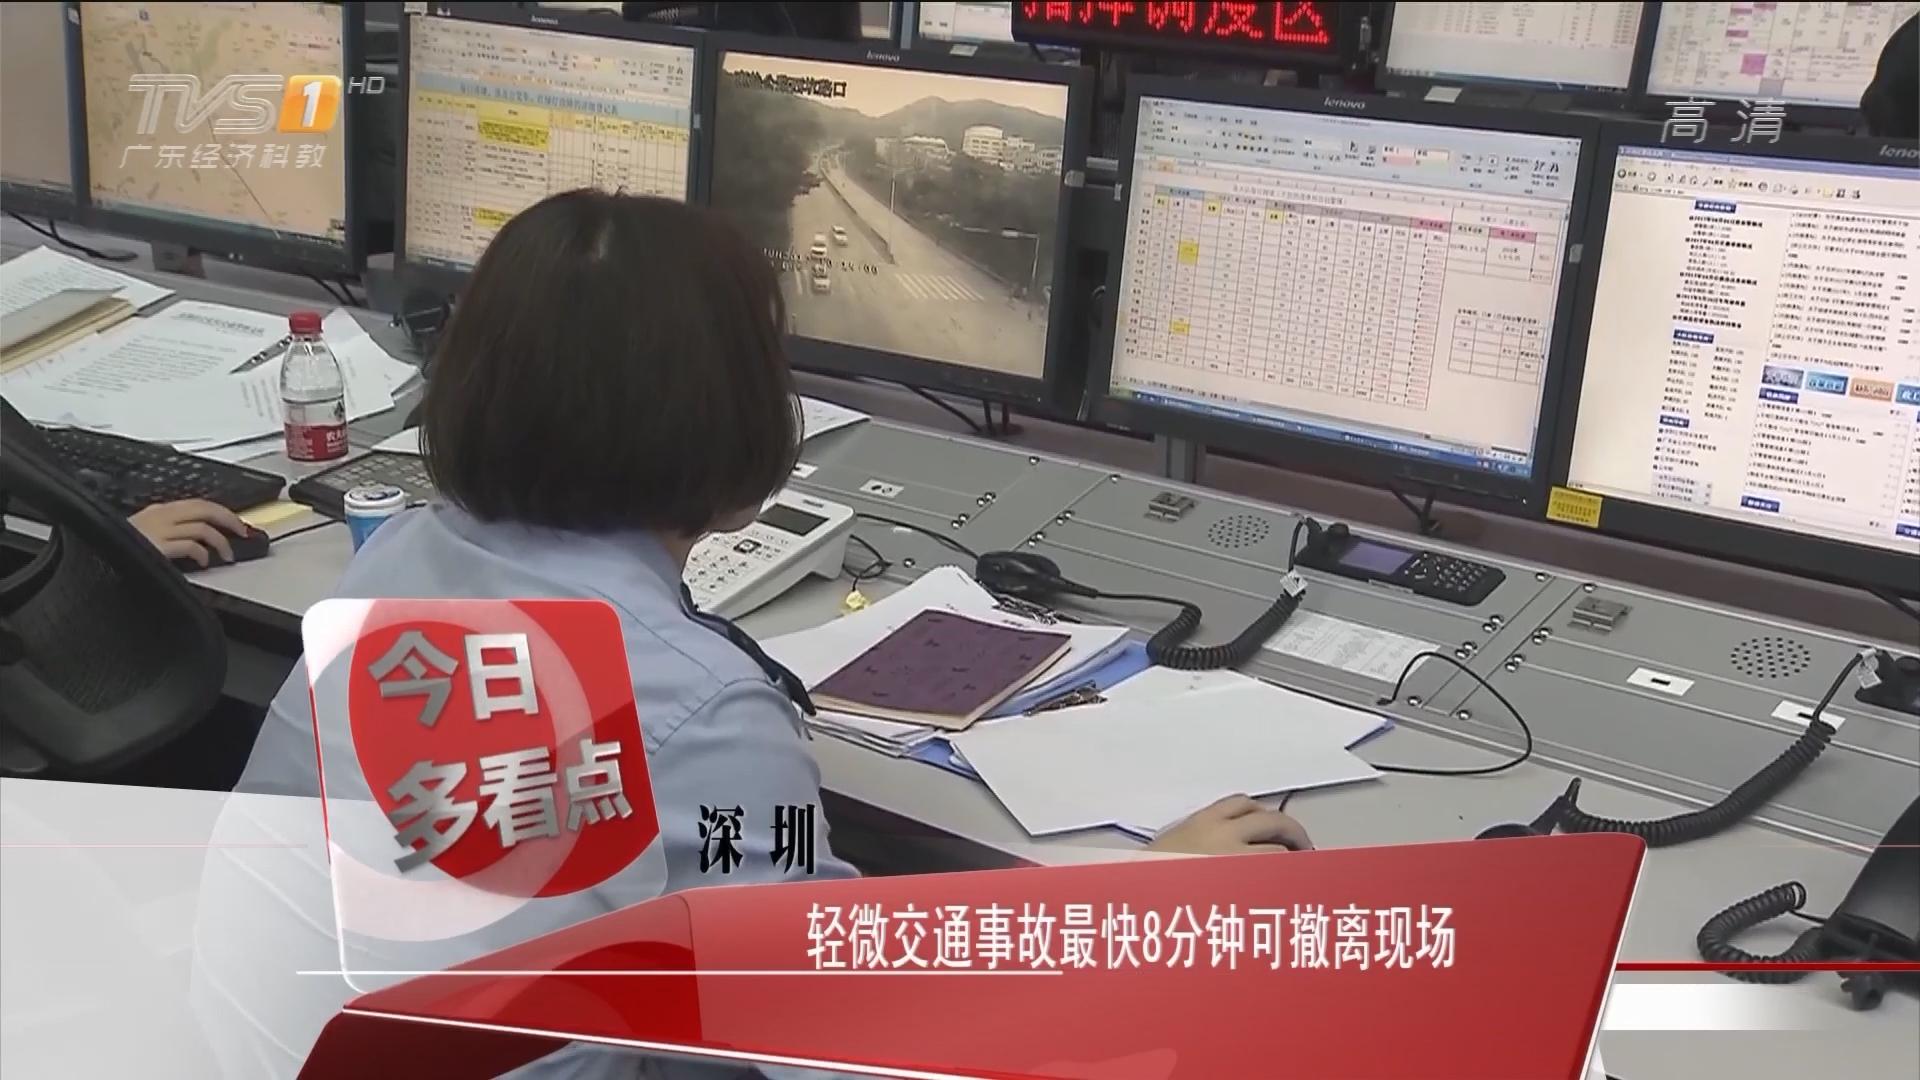 深圳:轻微交通事故最快8分钟可撤离现场